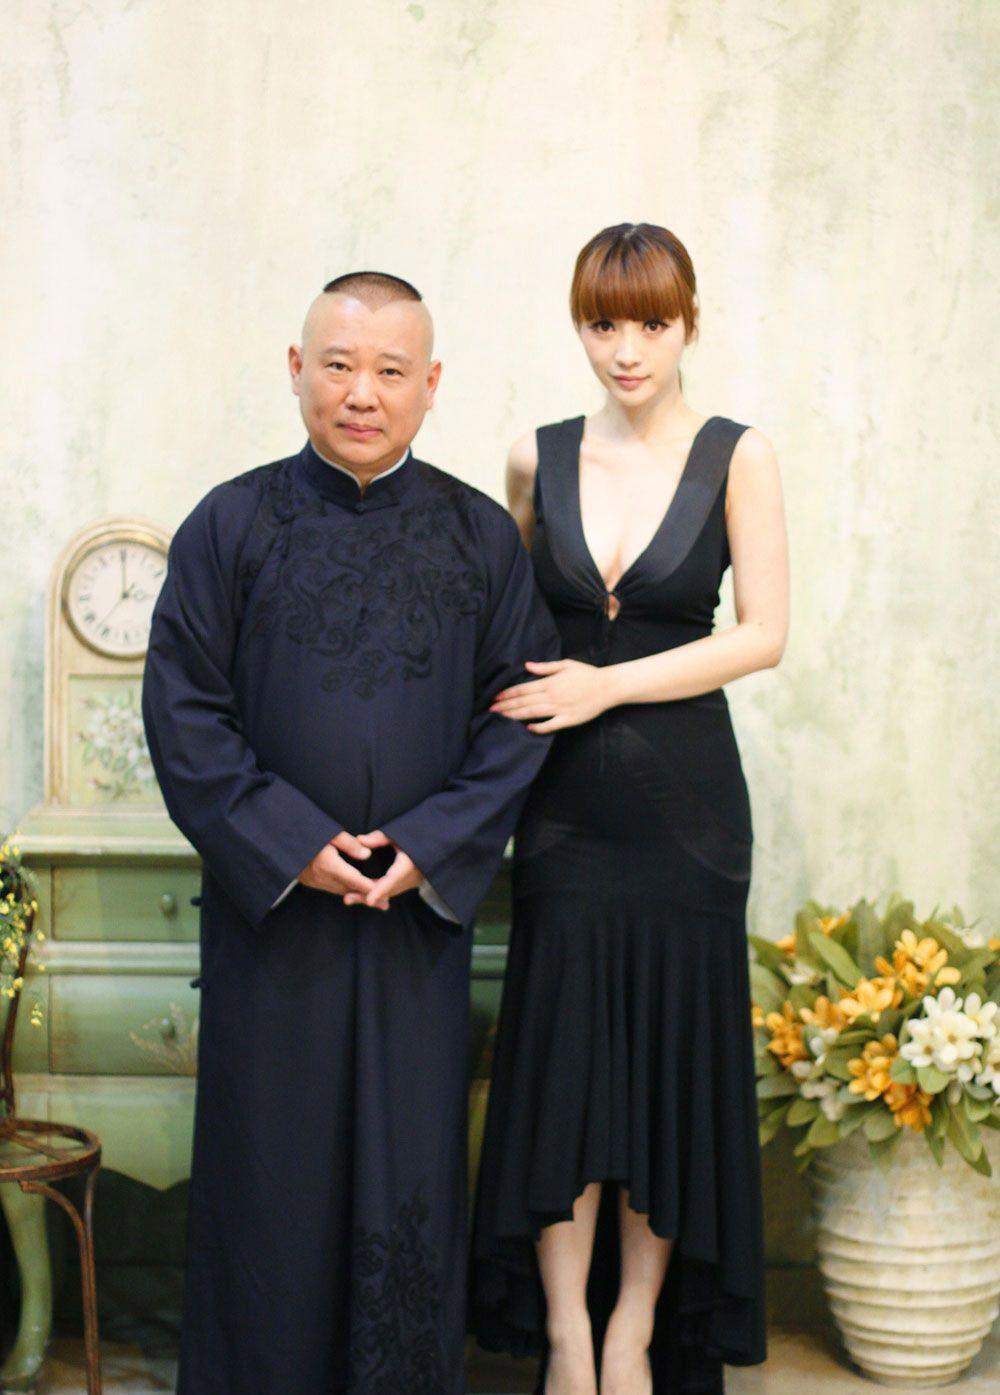 郭德纲老婆_郭德纲自述老婆王慧年轻时人美歌甜, 在台湾演出时曾